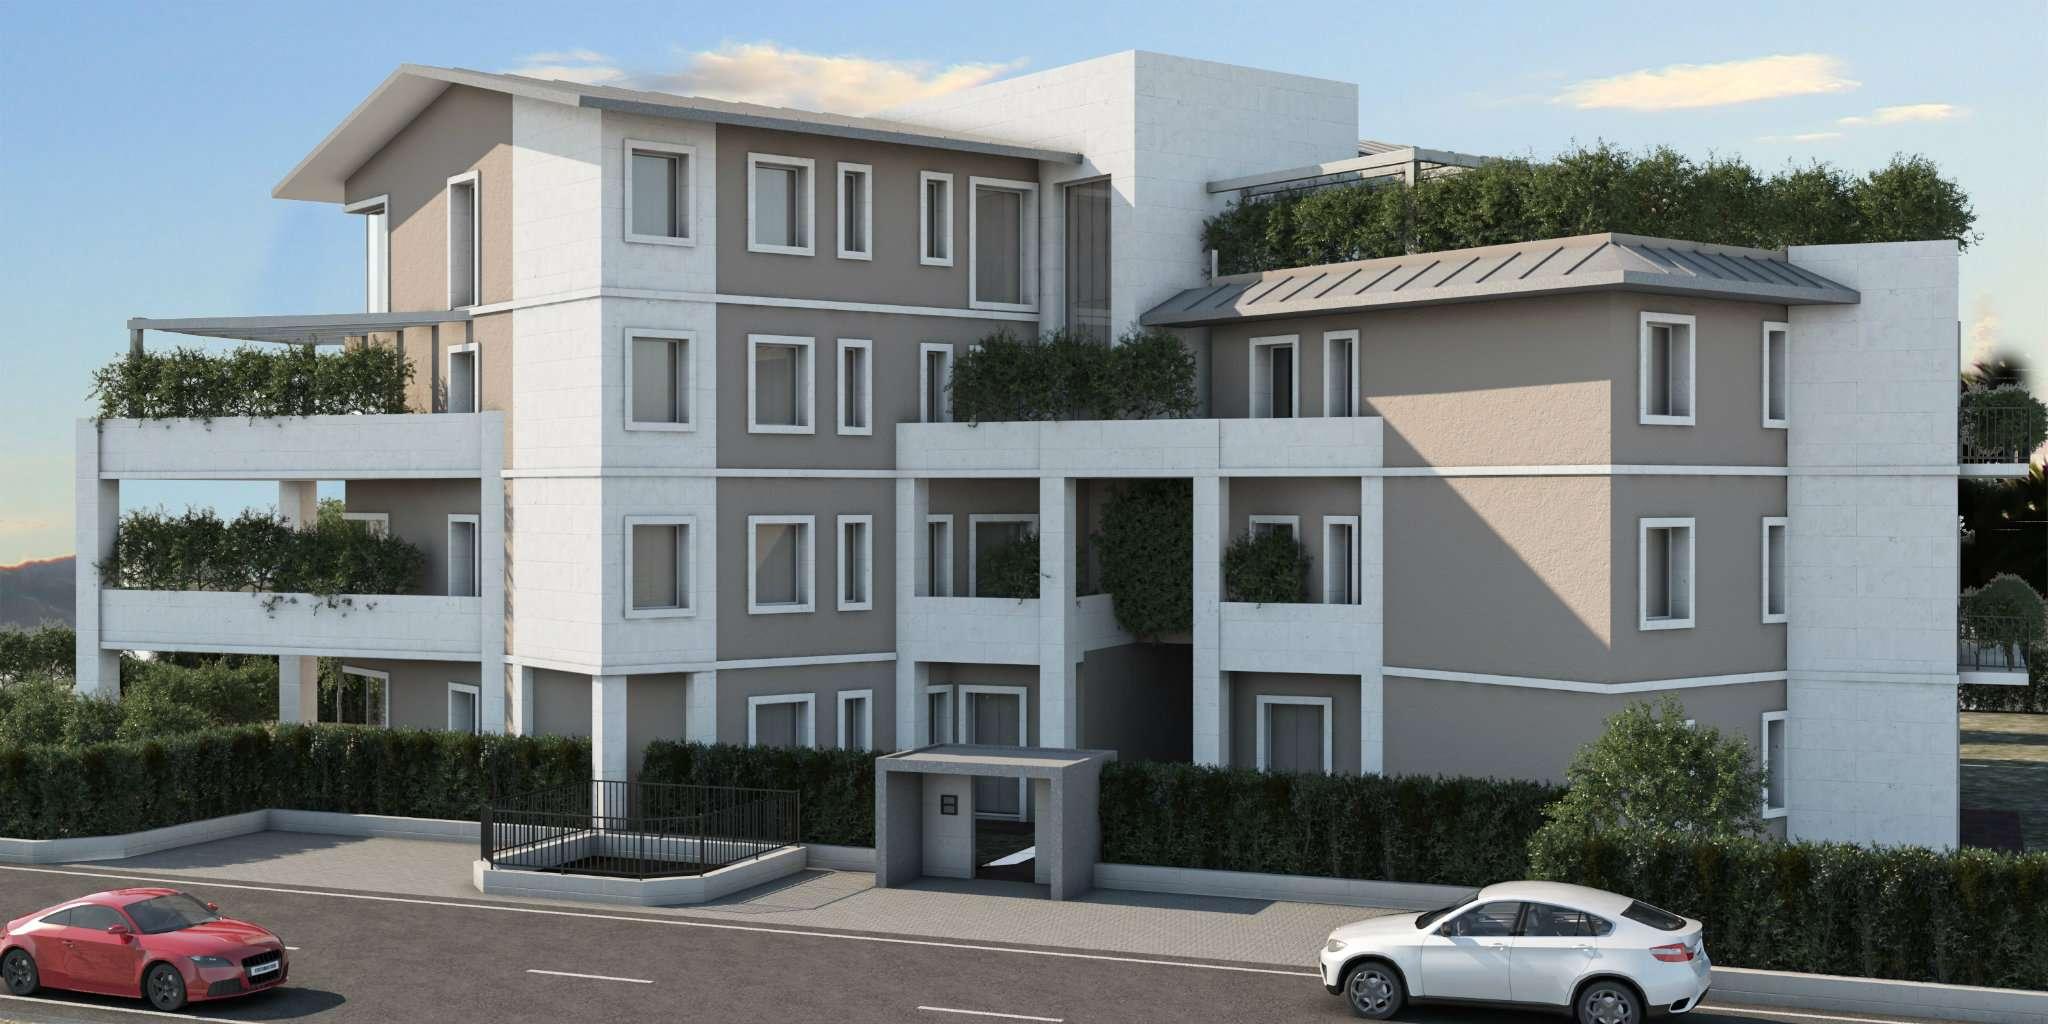 Appartamento in vendita a Seregno, 4 locali, prezzo € 448.980 | CambioCasa.it